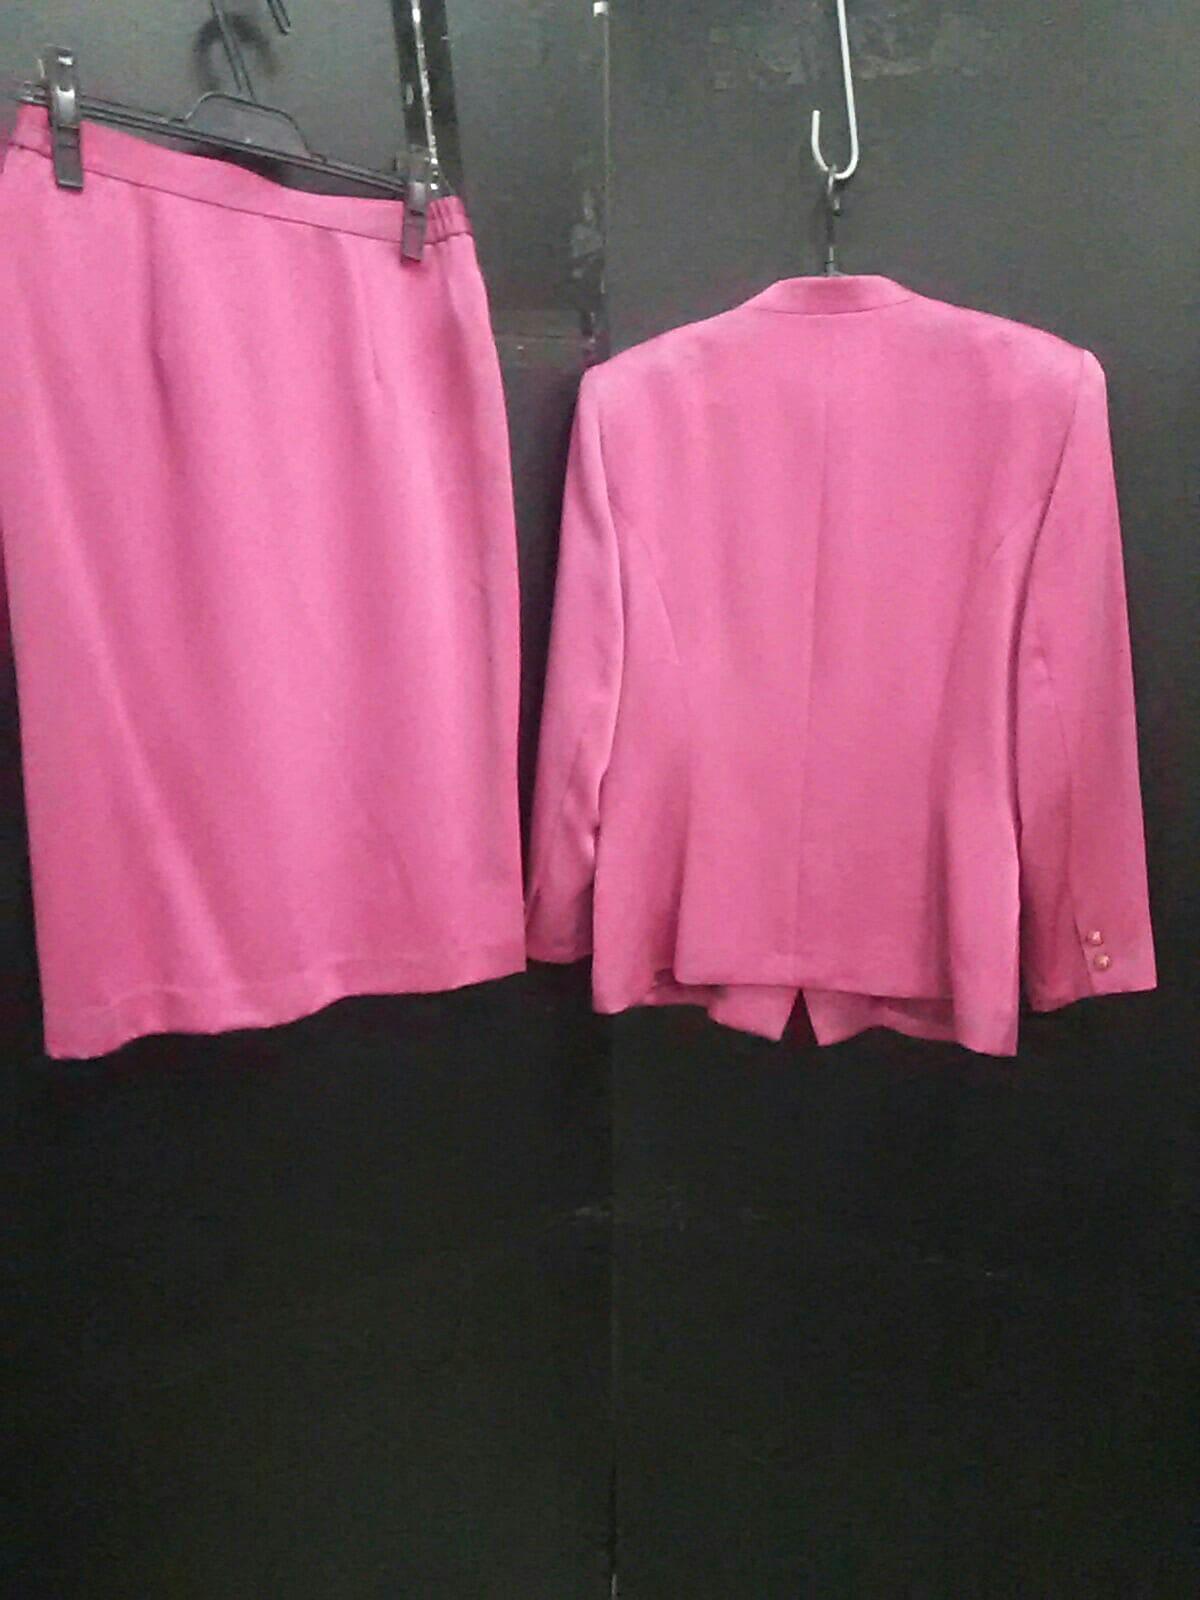 Seraphine(セラフィン)のスカートスーツ